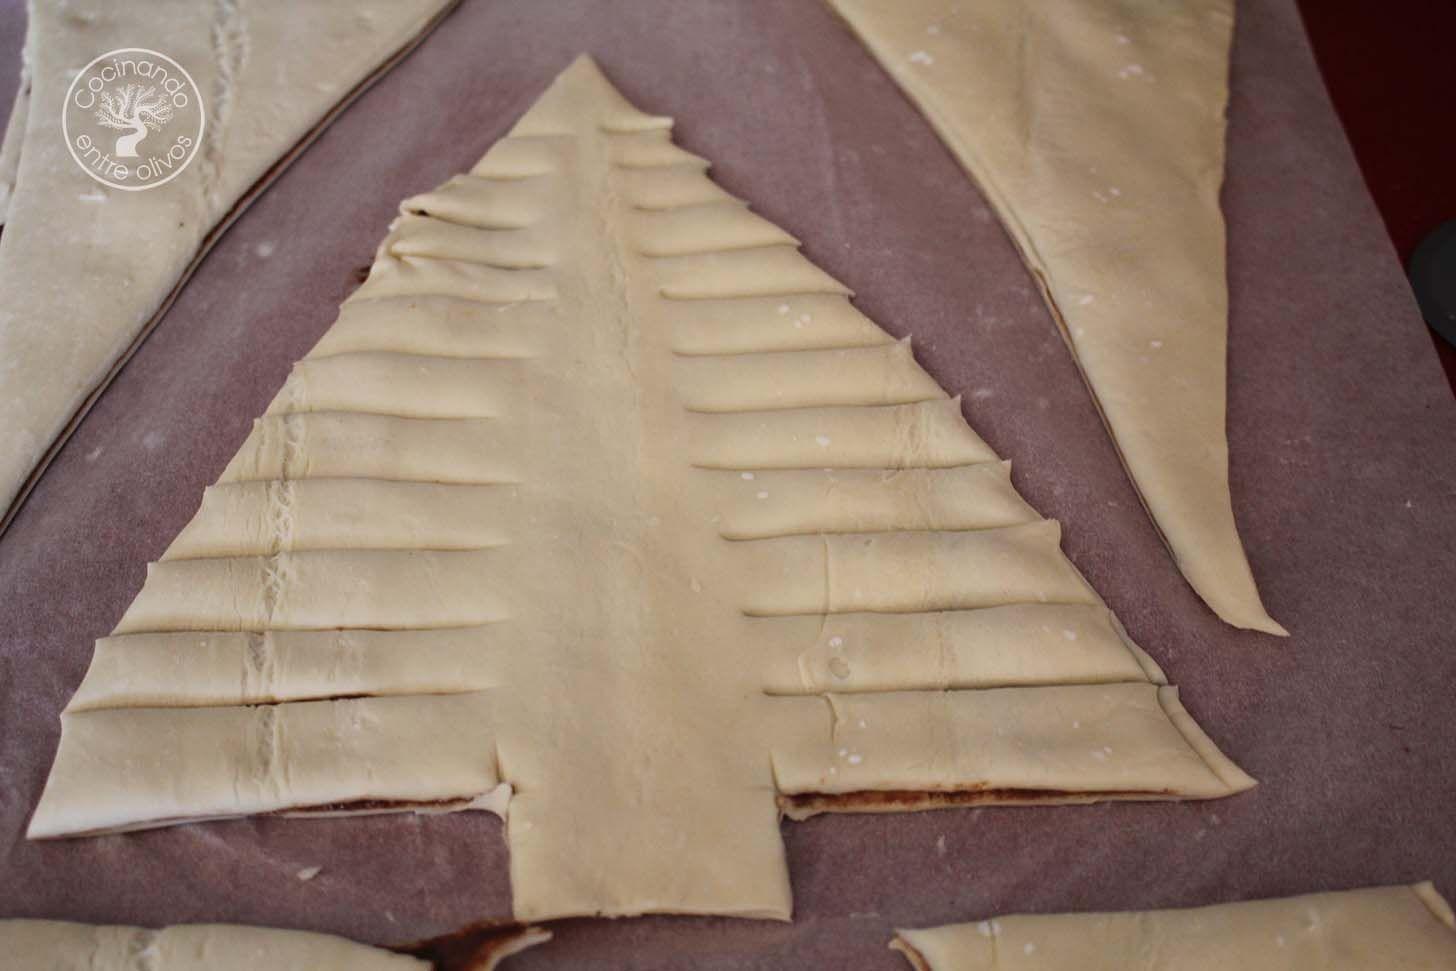 Arbol de navidad de hojaldre y chocolate 14 cocinando for Cocinando entre olivos navidad